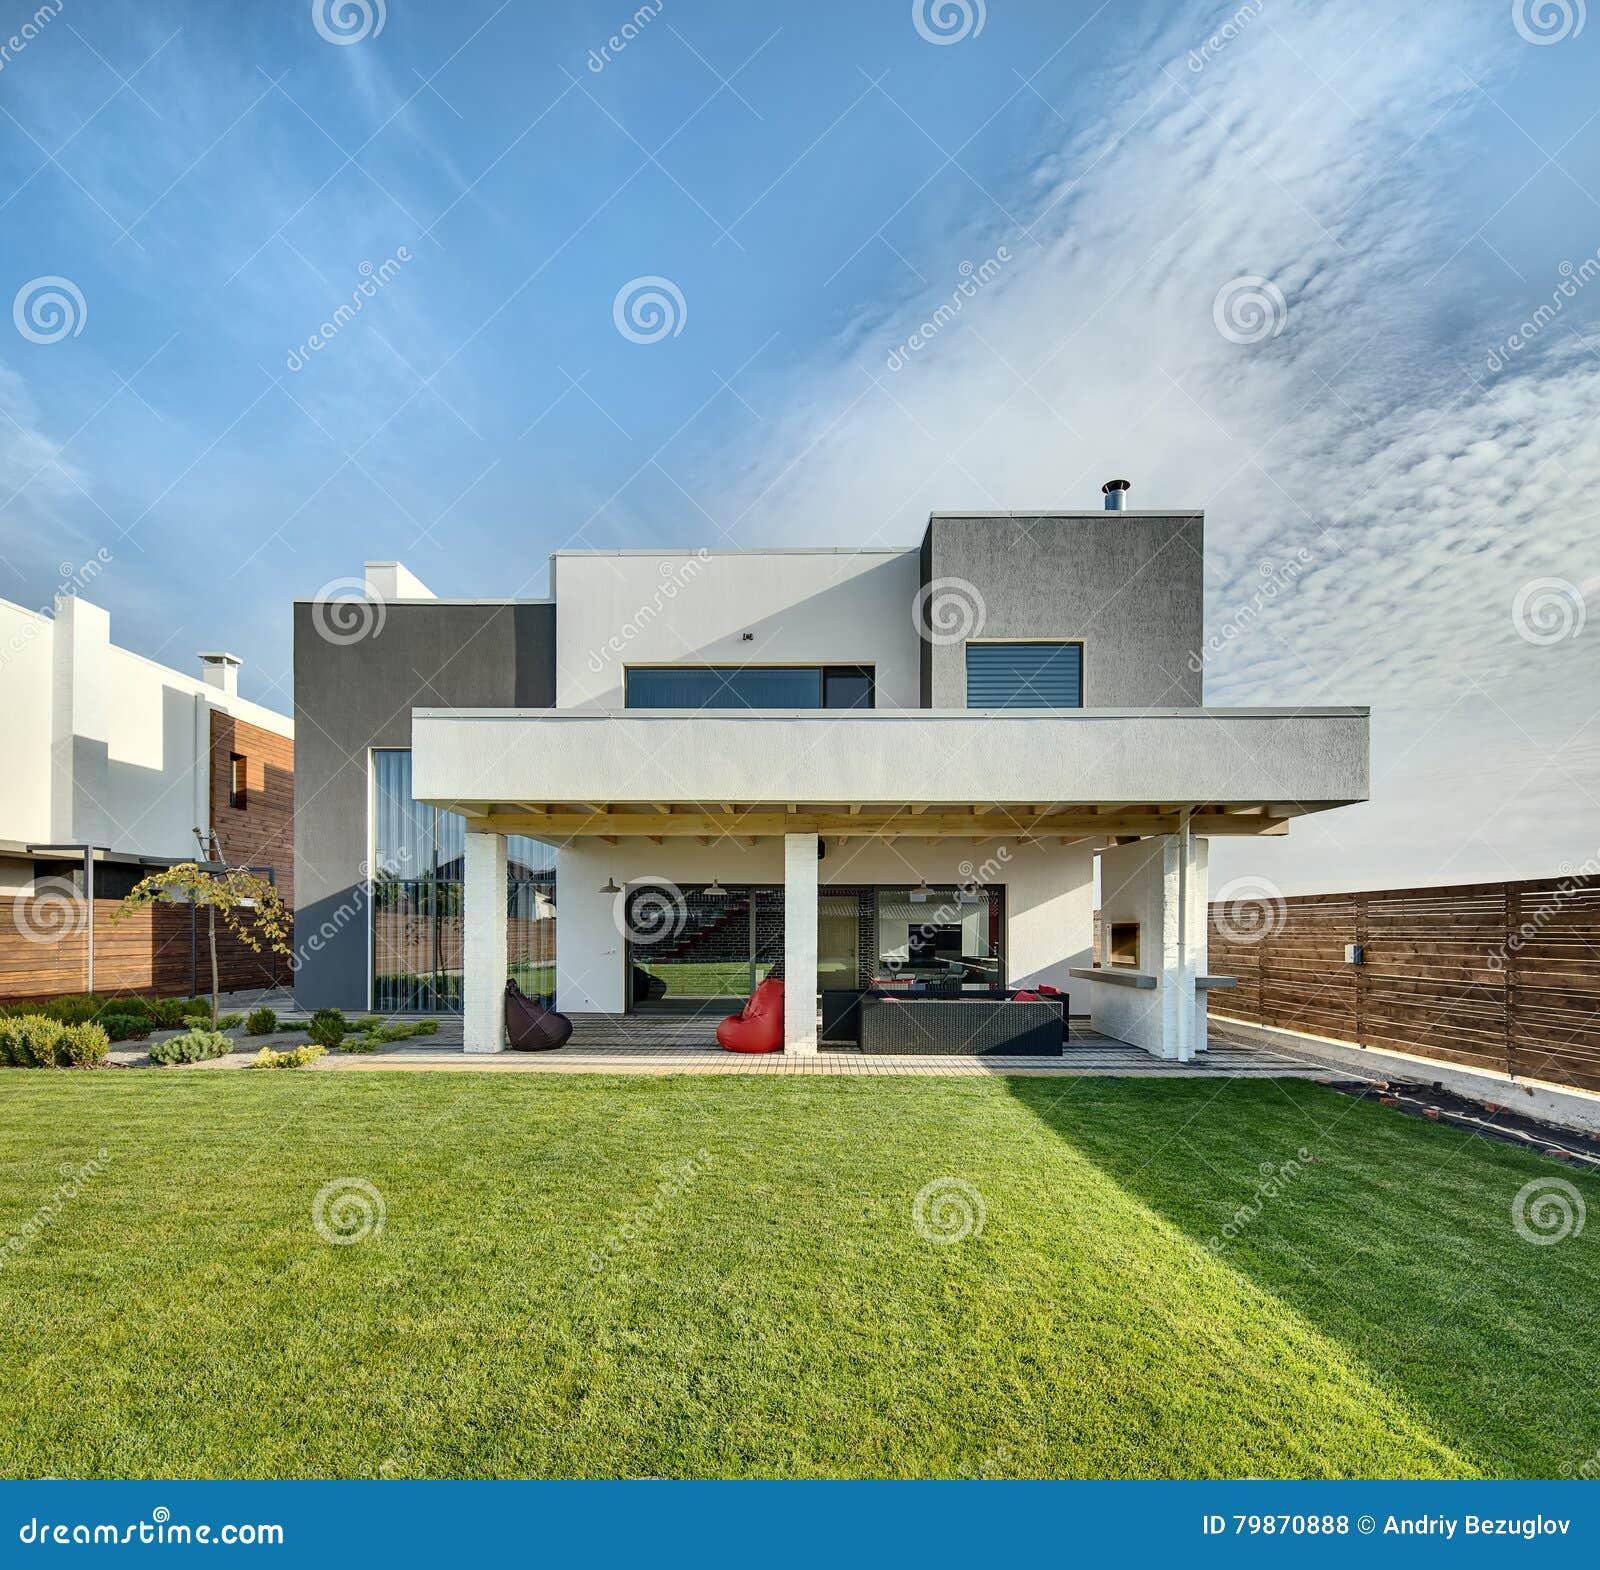 Maison De Campagne Dans Le Style Moderne Photo stock - Image du beau ...